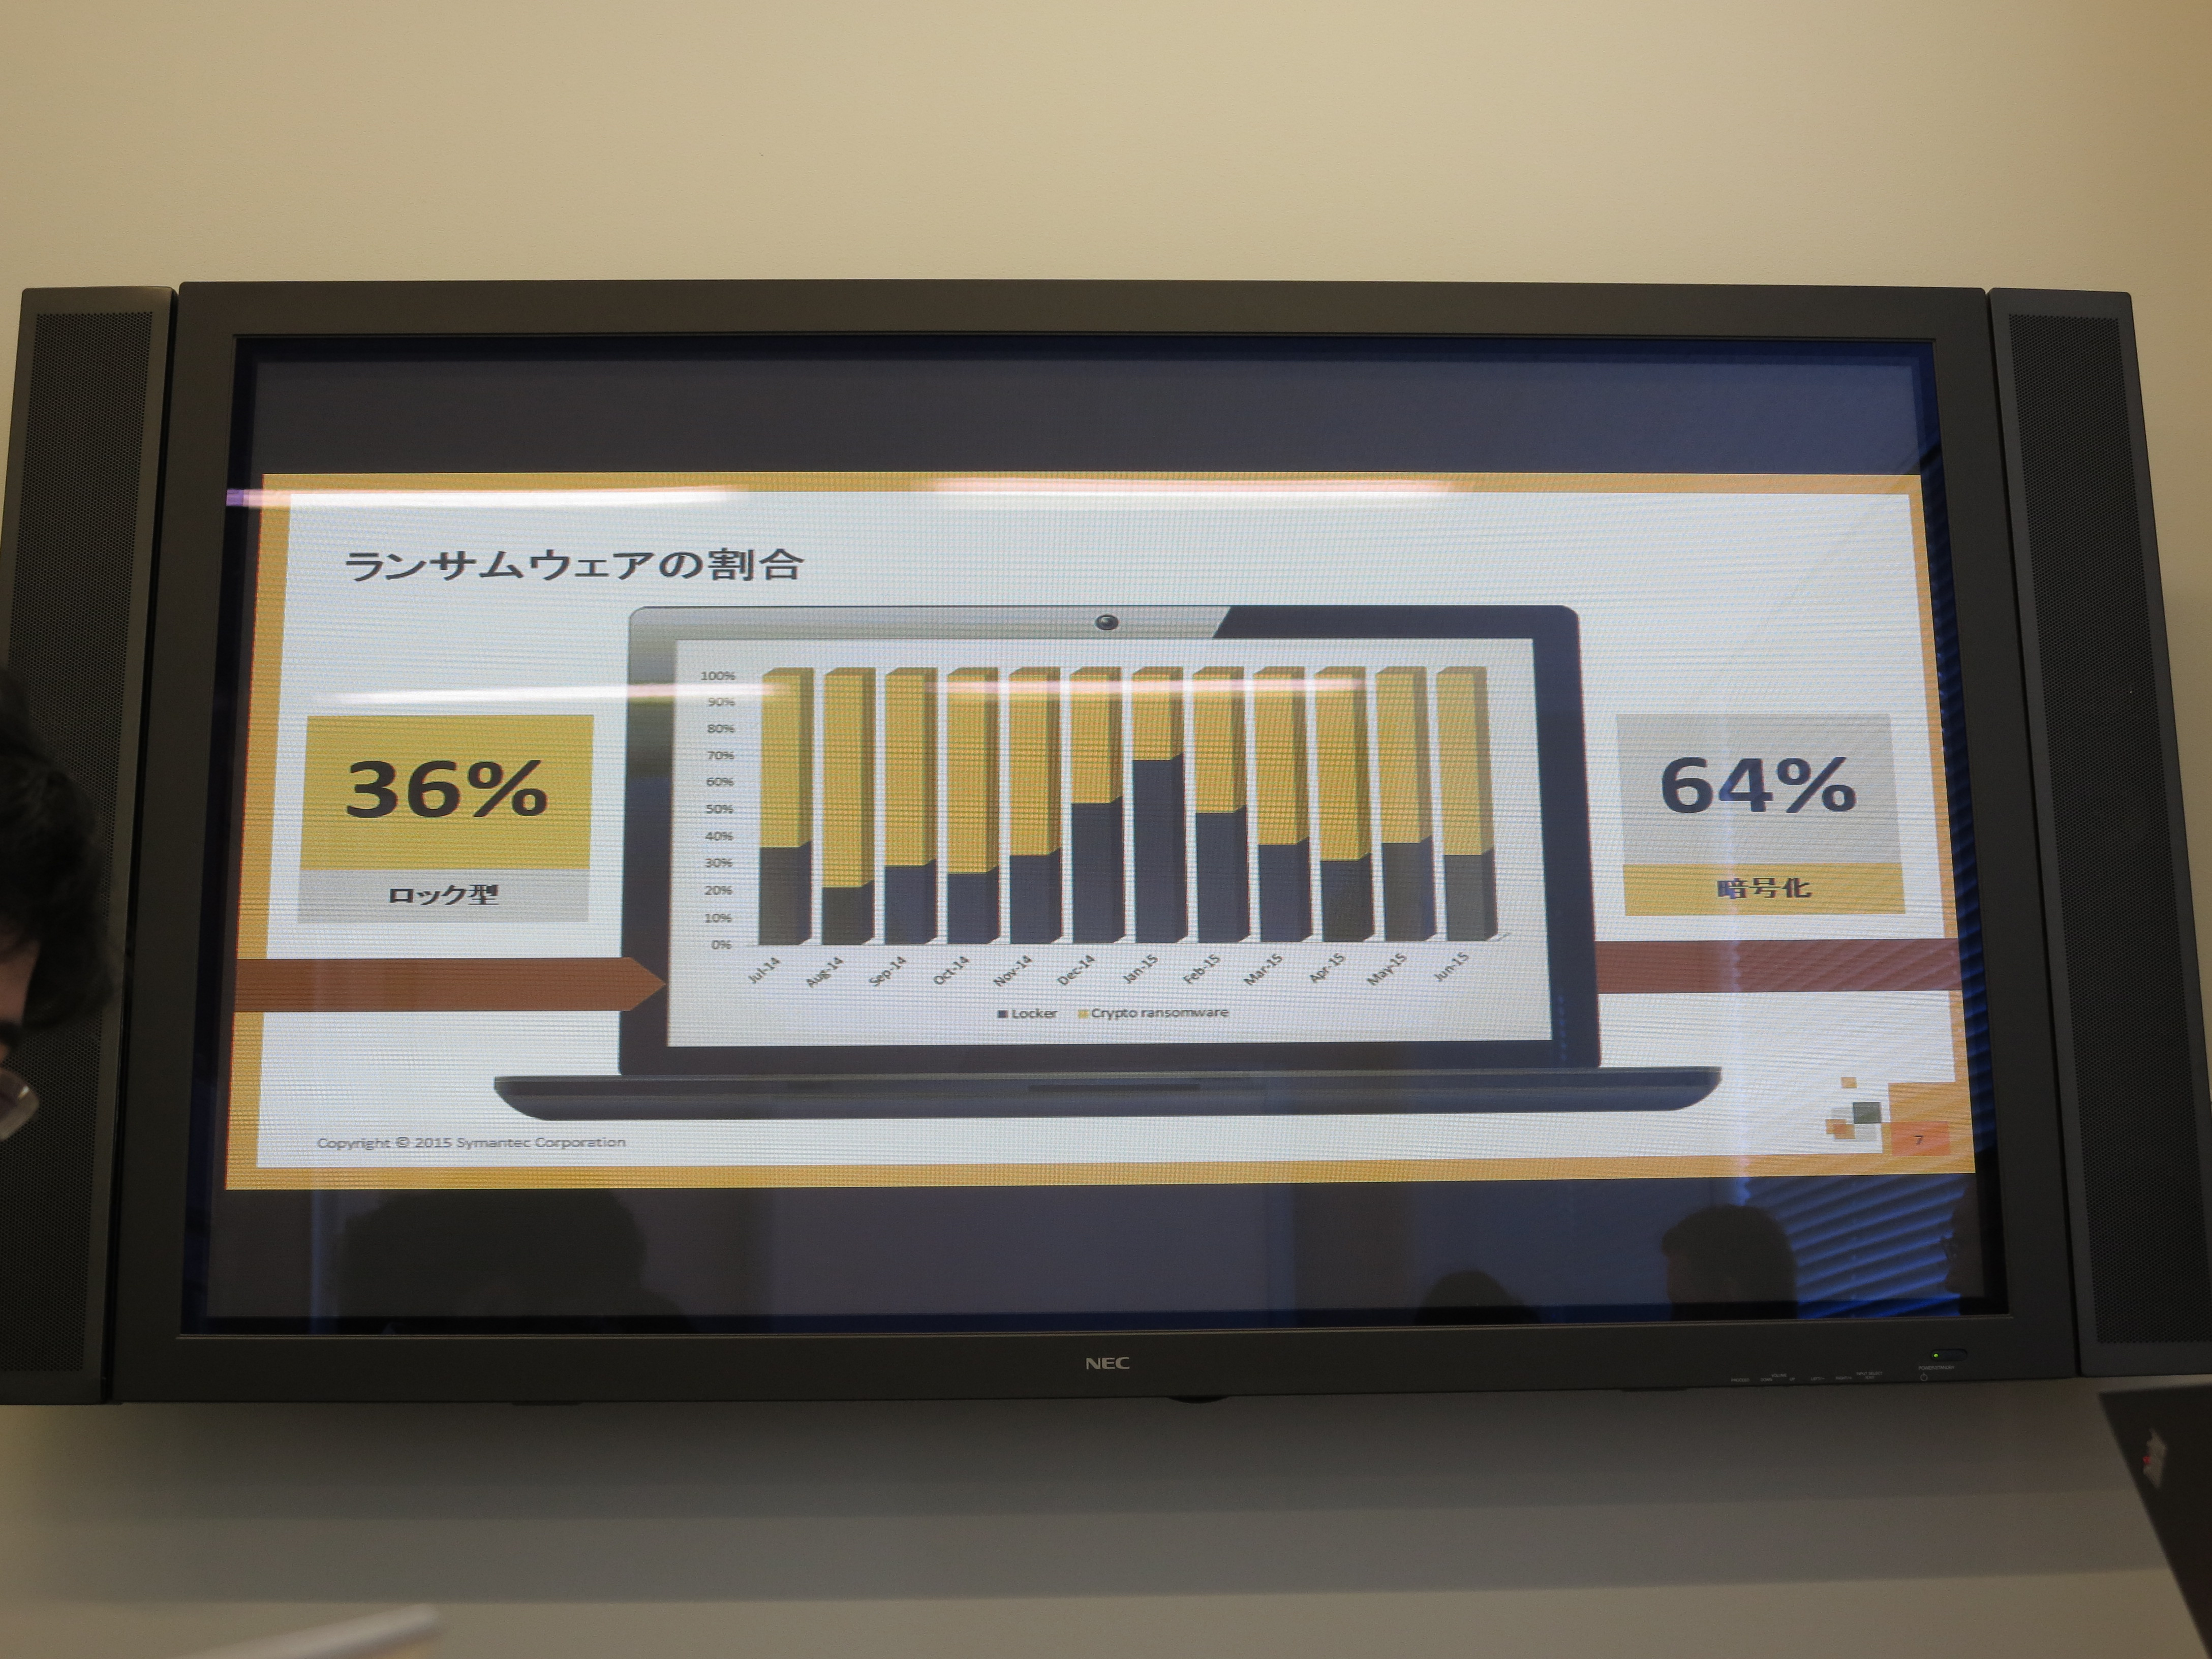 ランサムウェアの64%が暗号化型